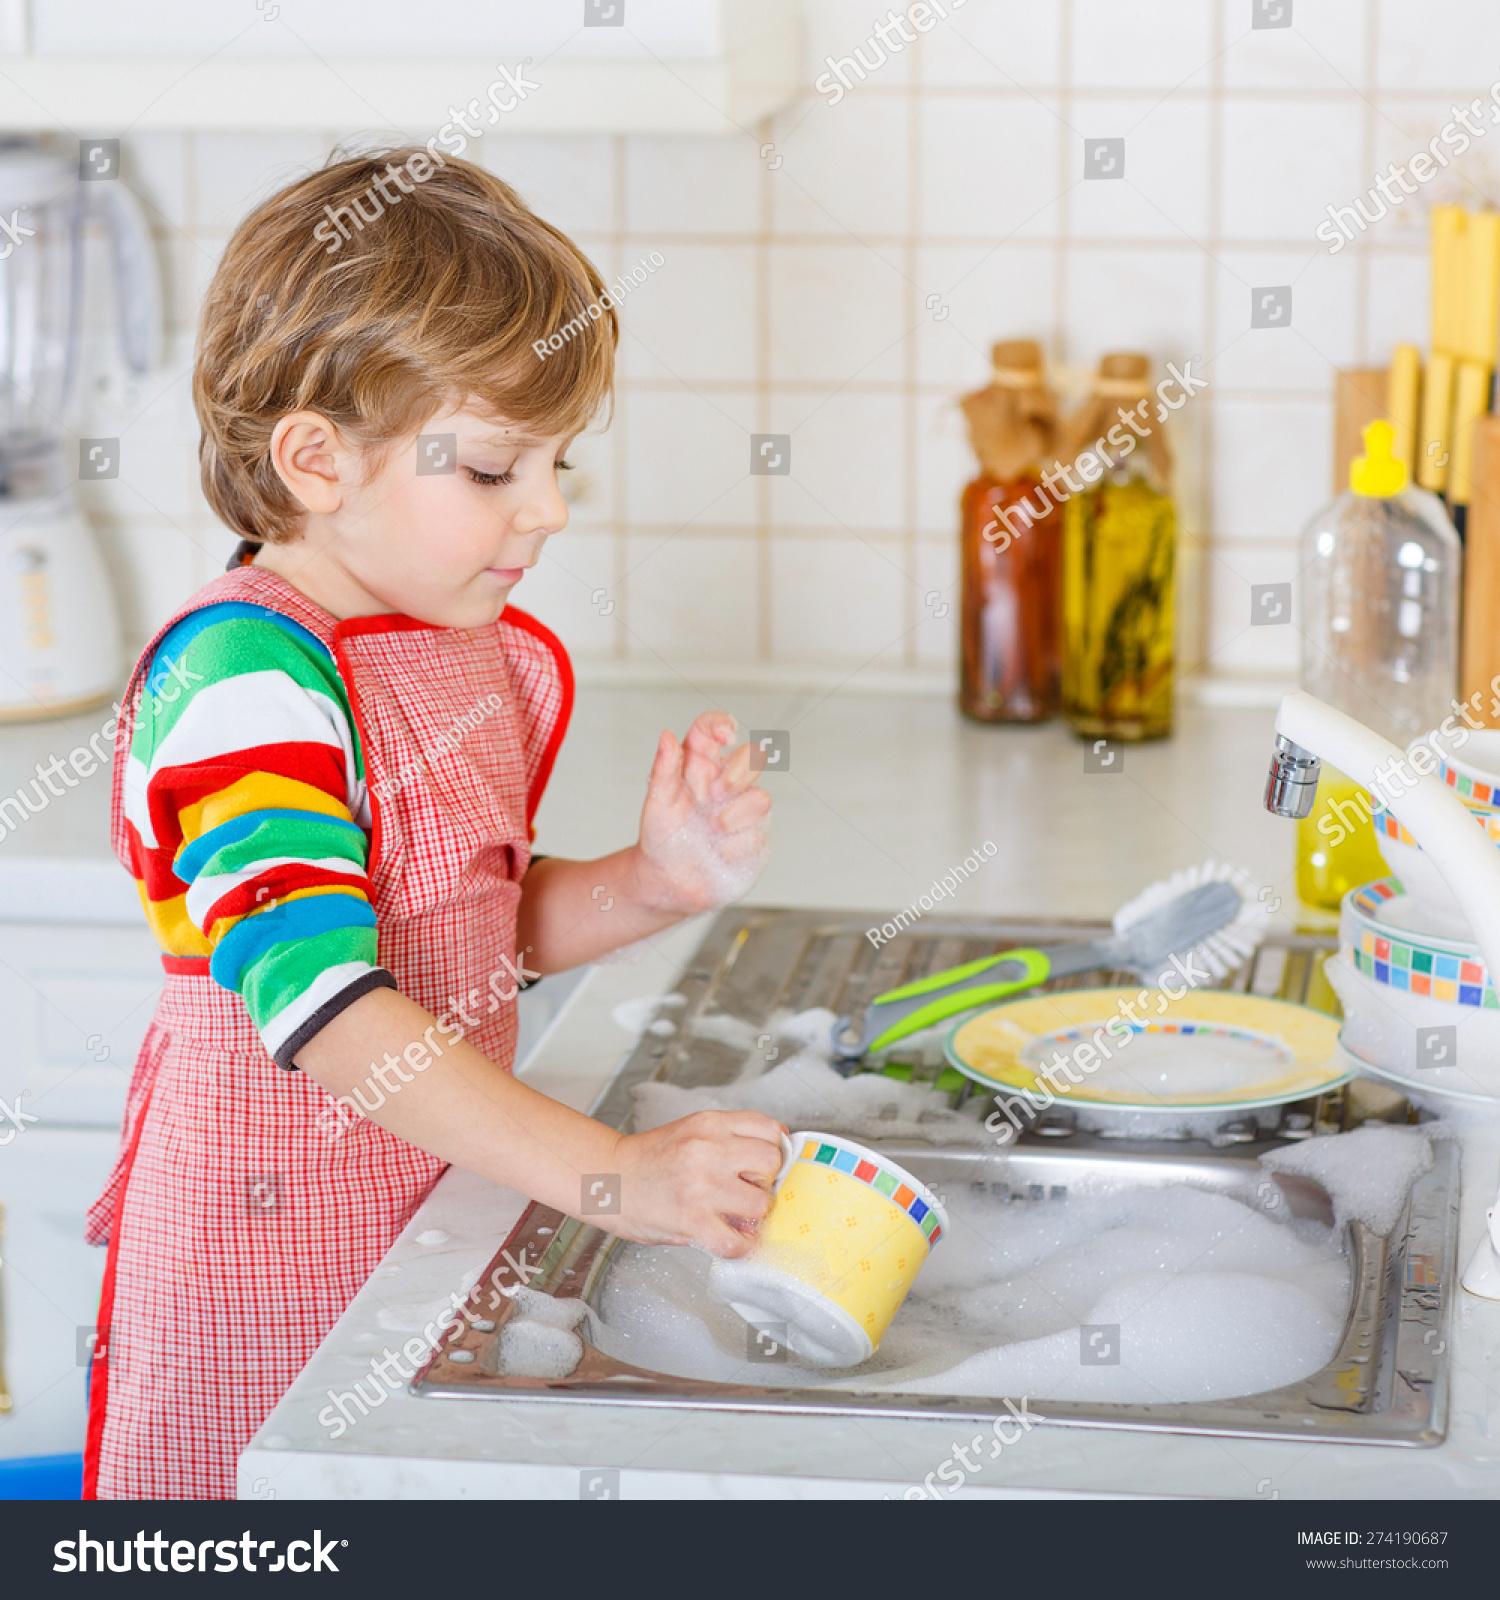 картинки дети моют посуду ромашек волосы